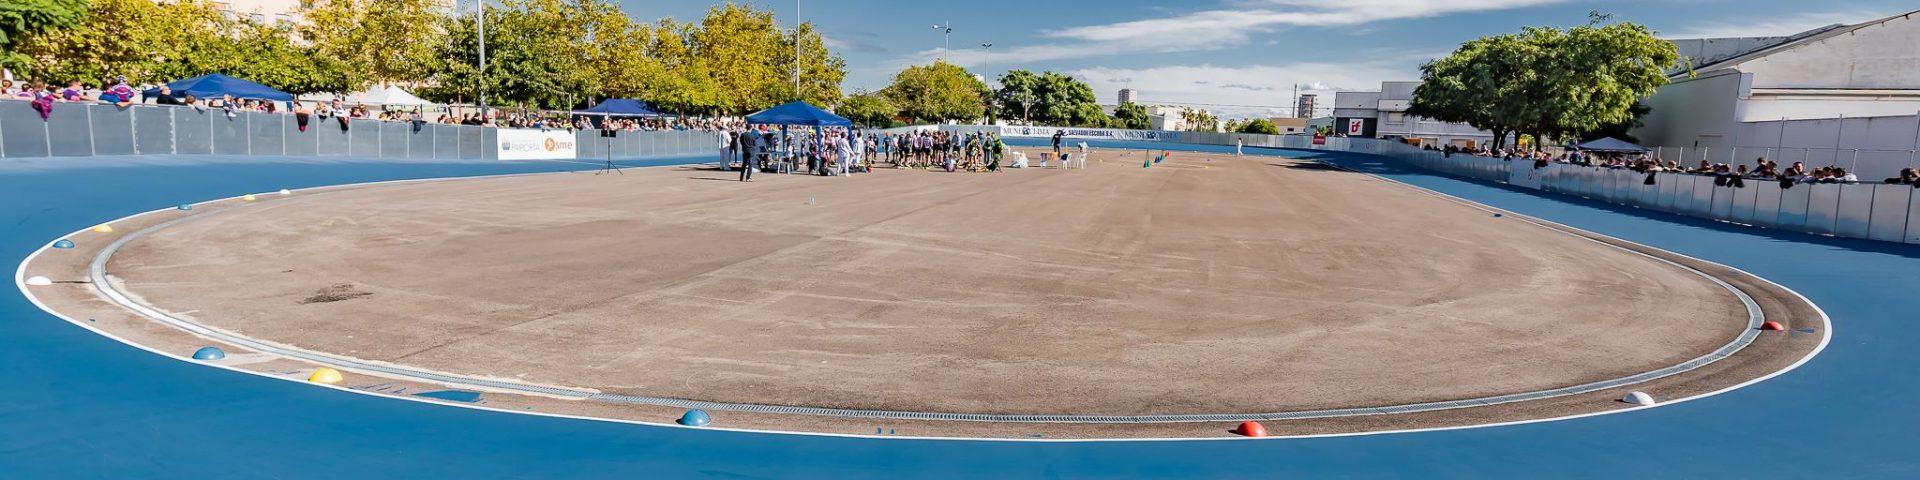 foto general pista patinaje de velocidad Paiporta, patina en Valencia